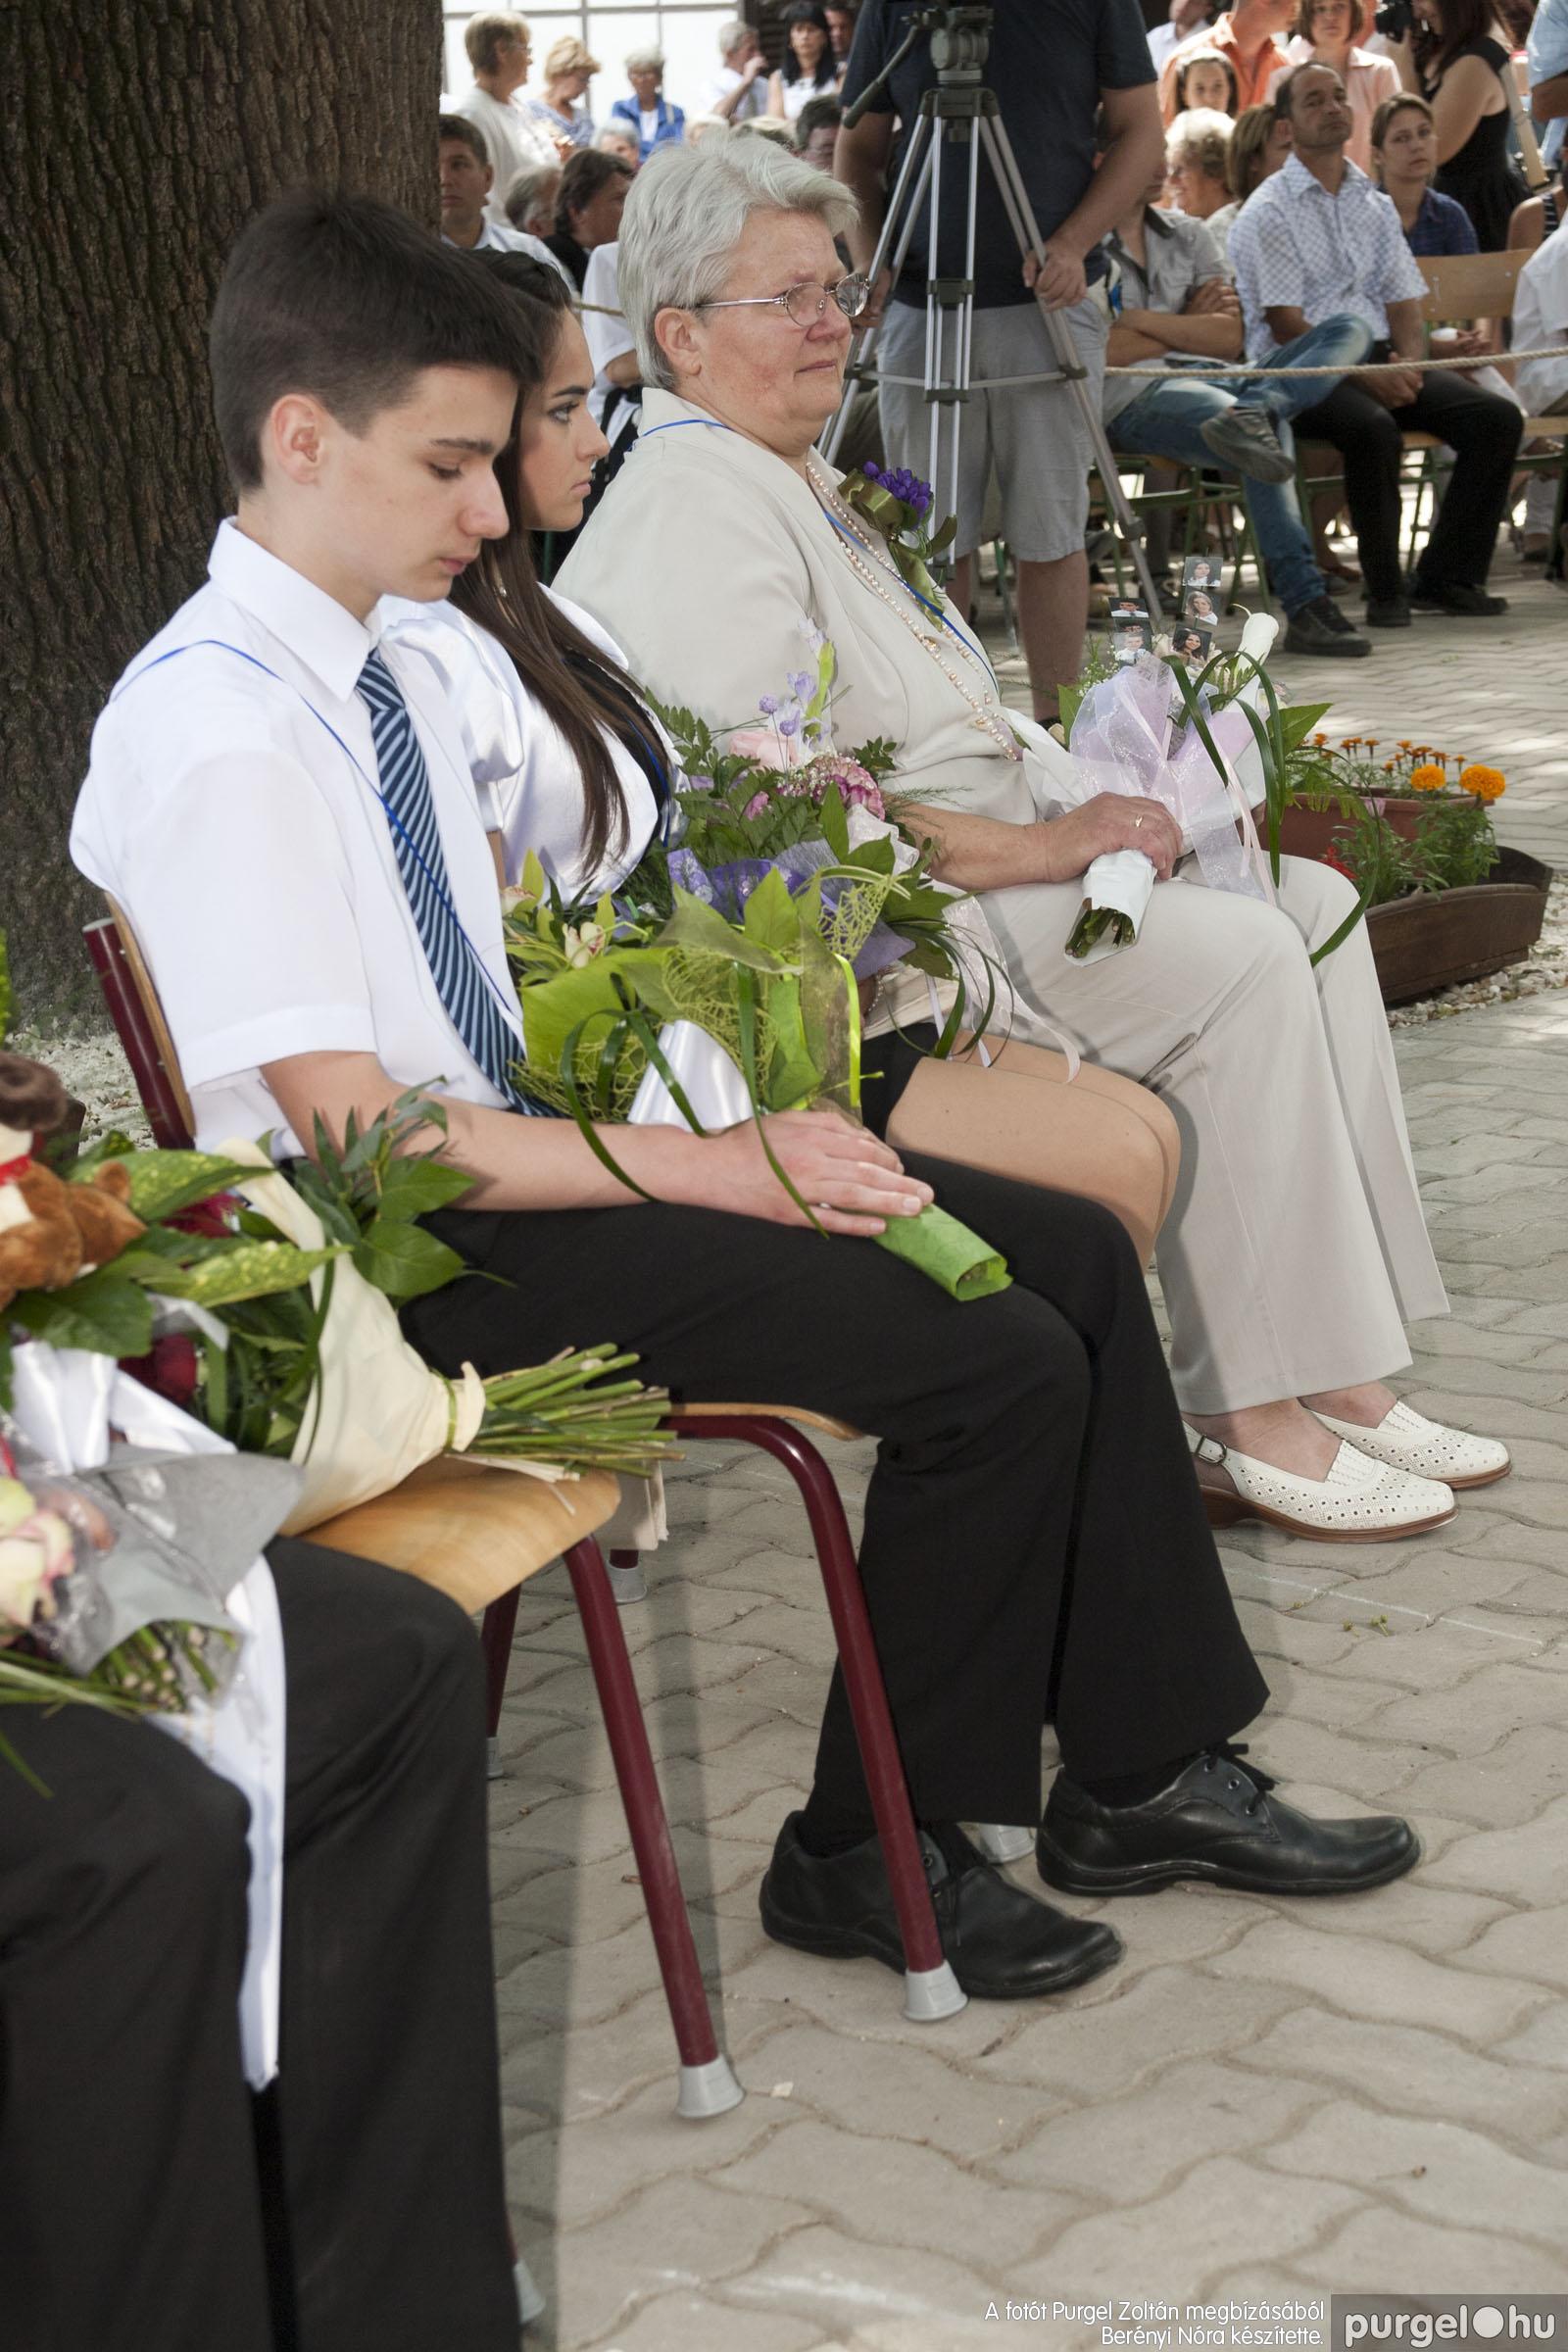 2014.06.14. 168 Forray Máté Általános Iskola ballagás 2014. - Fotó:BERÉNYI NÓRA© _MG_5785.jpg